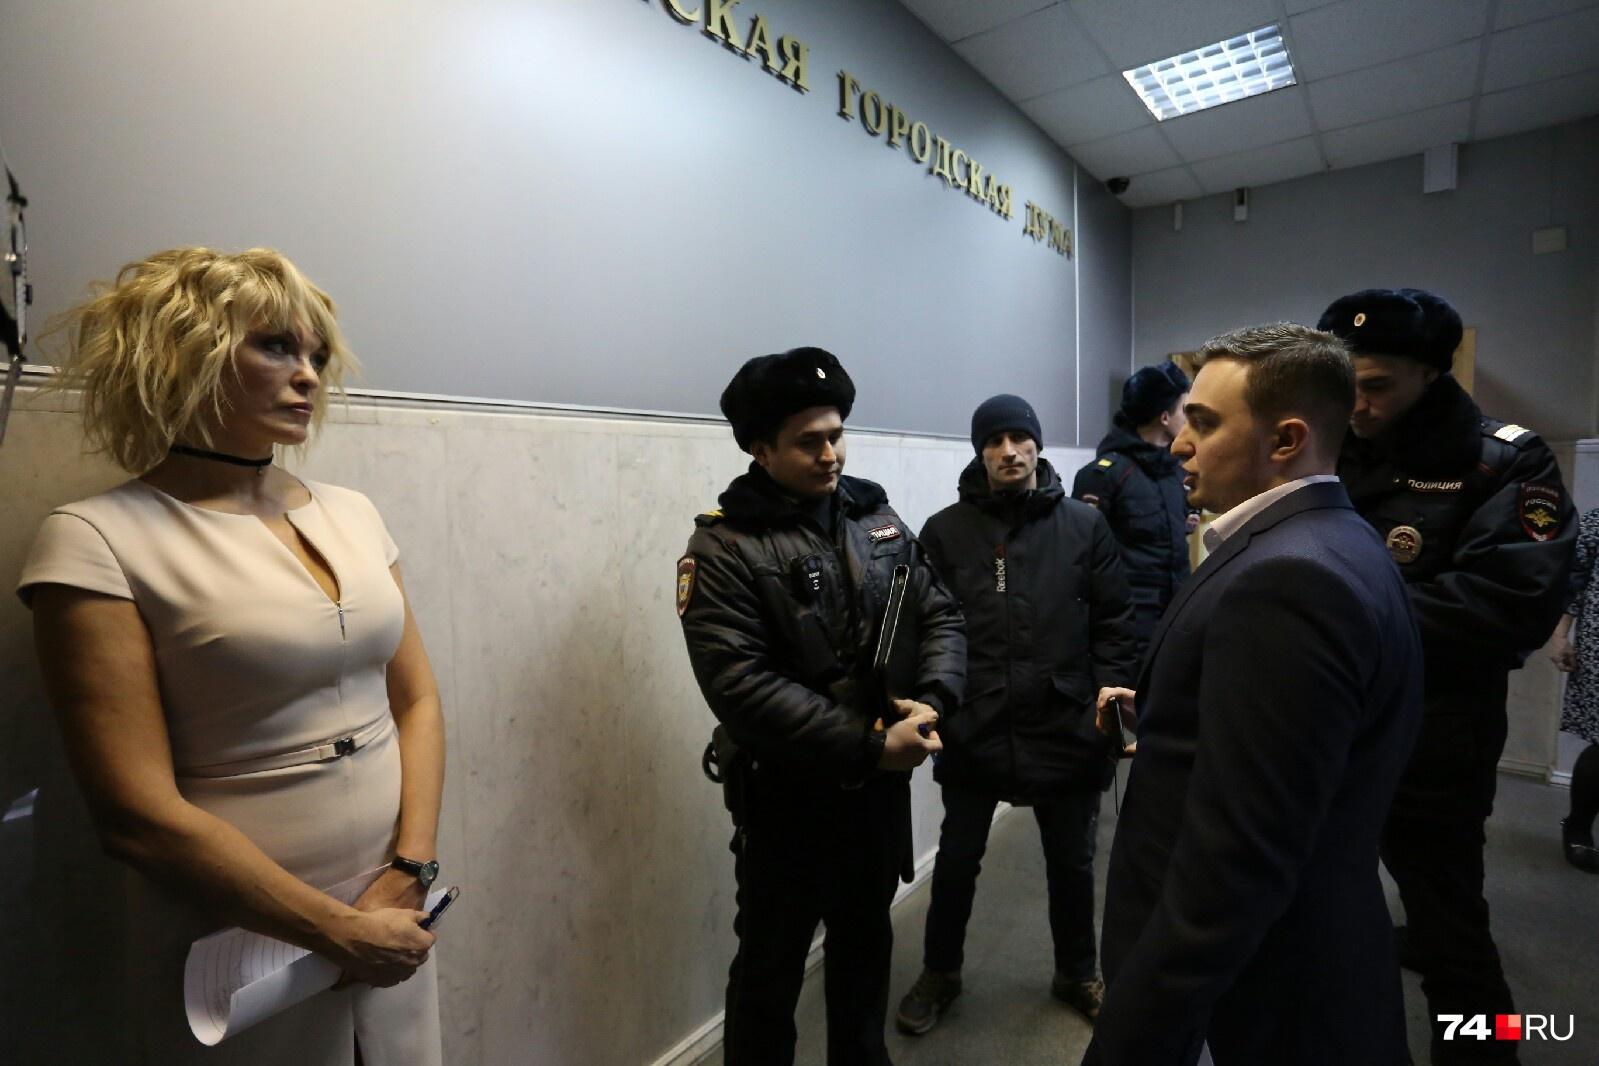 Ларисе Окуневой поступили сообщения с неизвестных номеров